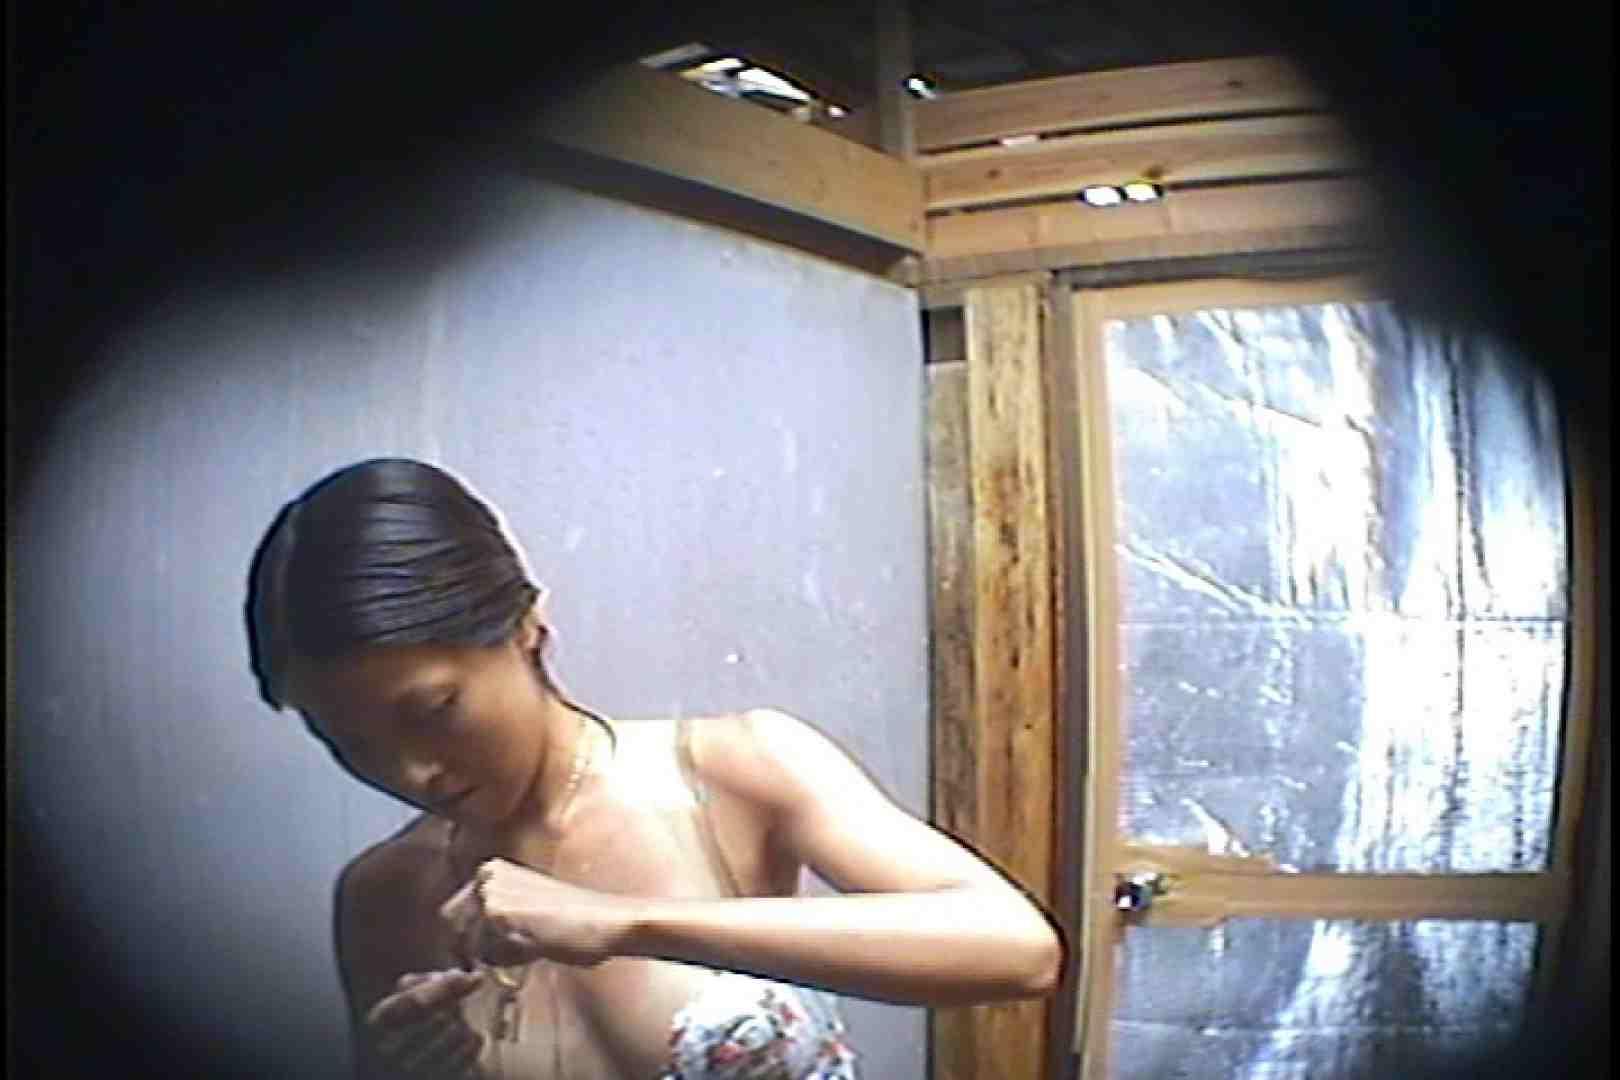 海の家の更衣室 Vol.45 シャワー中 | 美女達のヌード  64連発 5